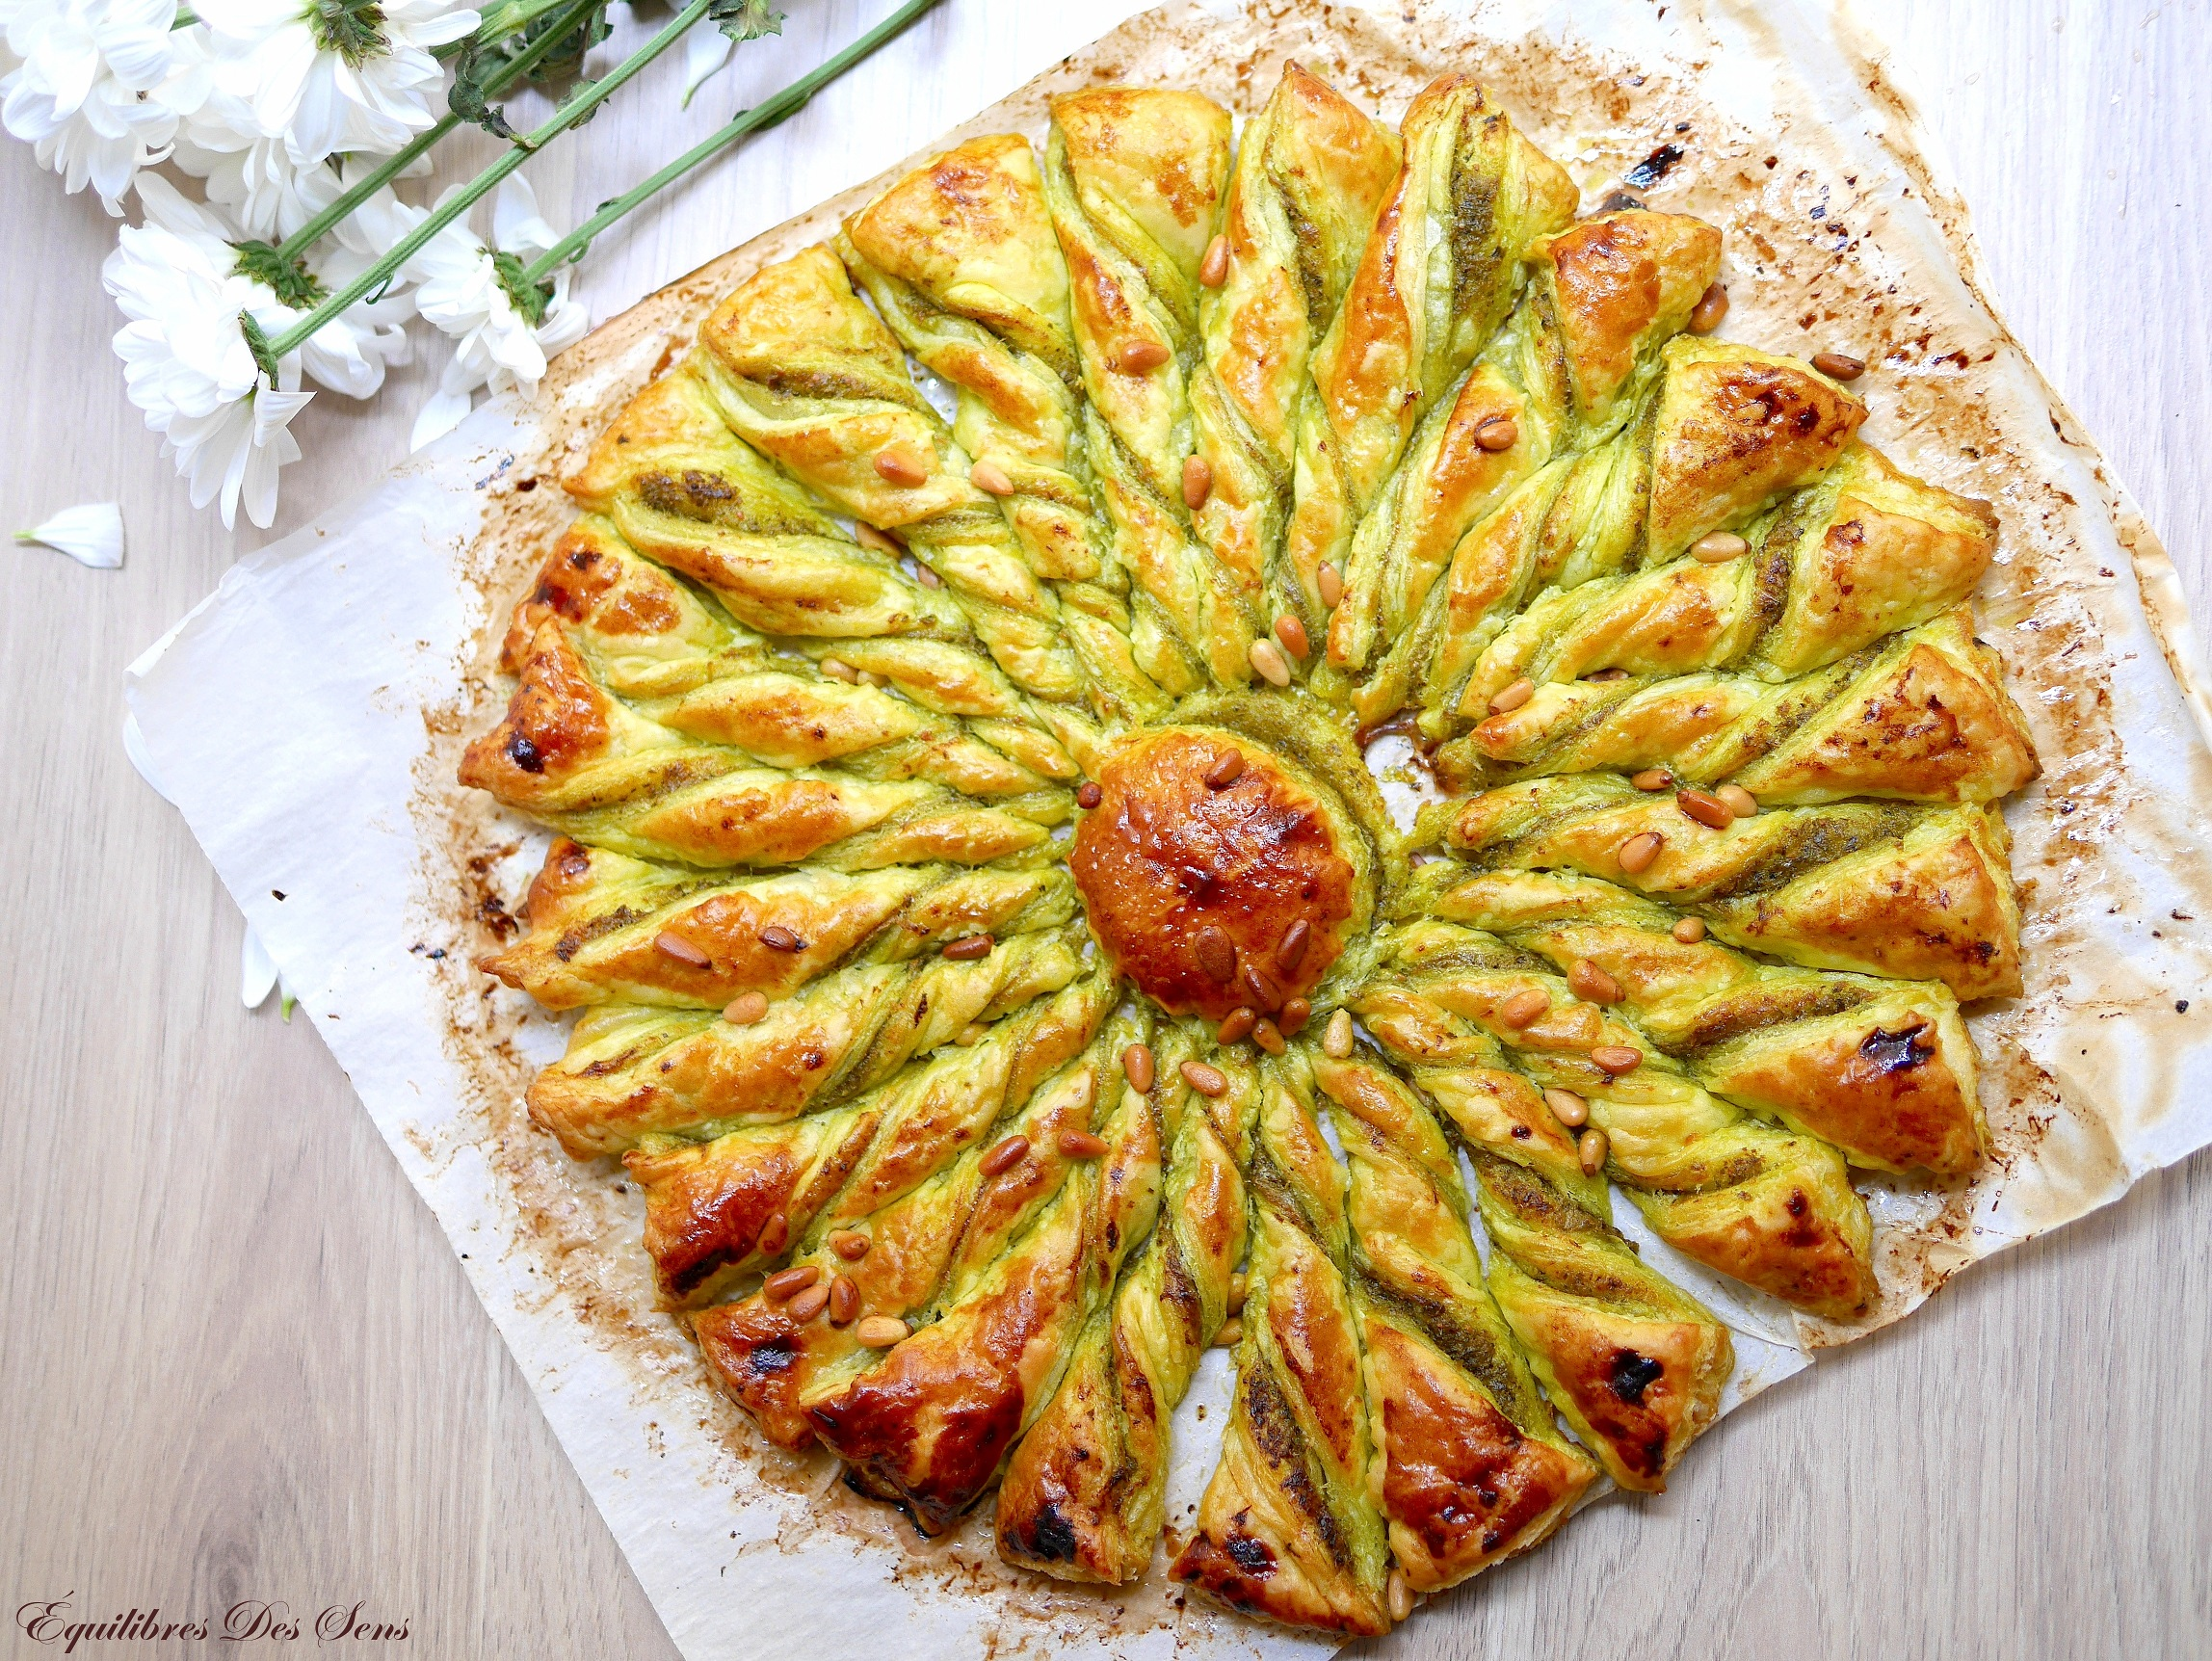 Tarte soleil au pesto pour un apéritif original et savoureux !